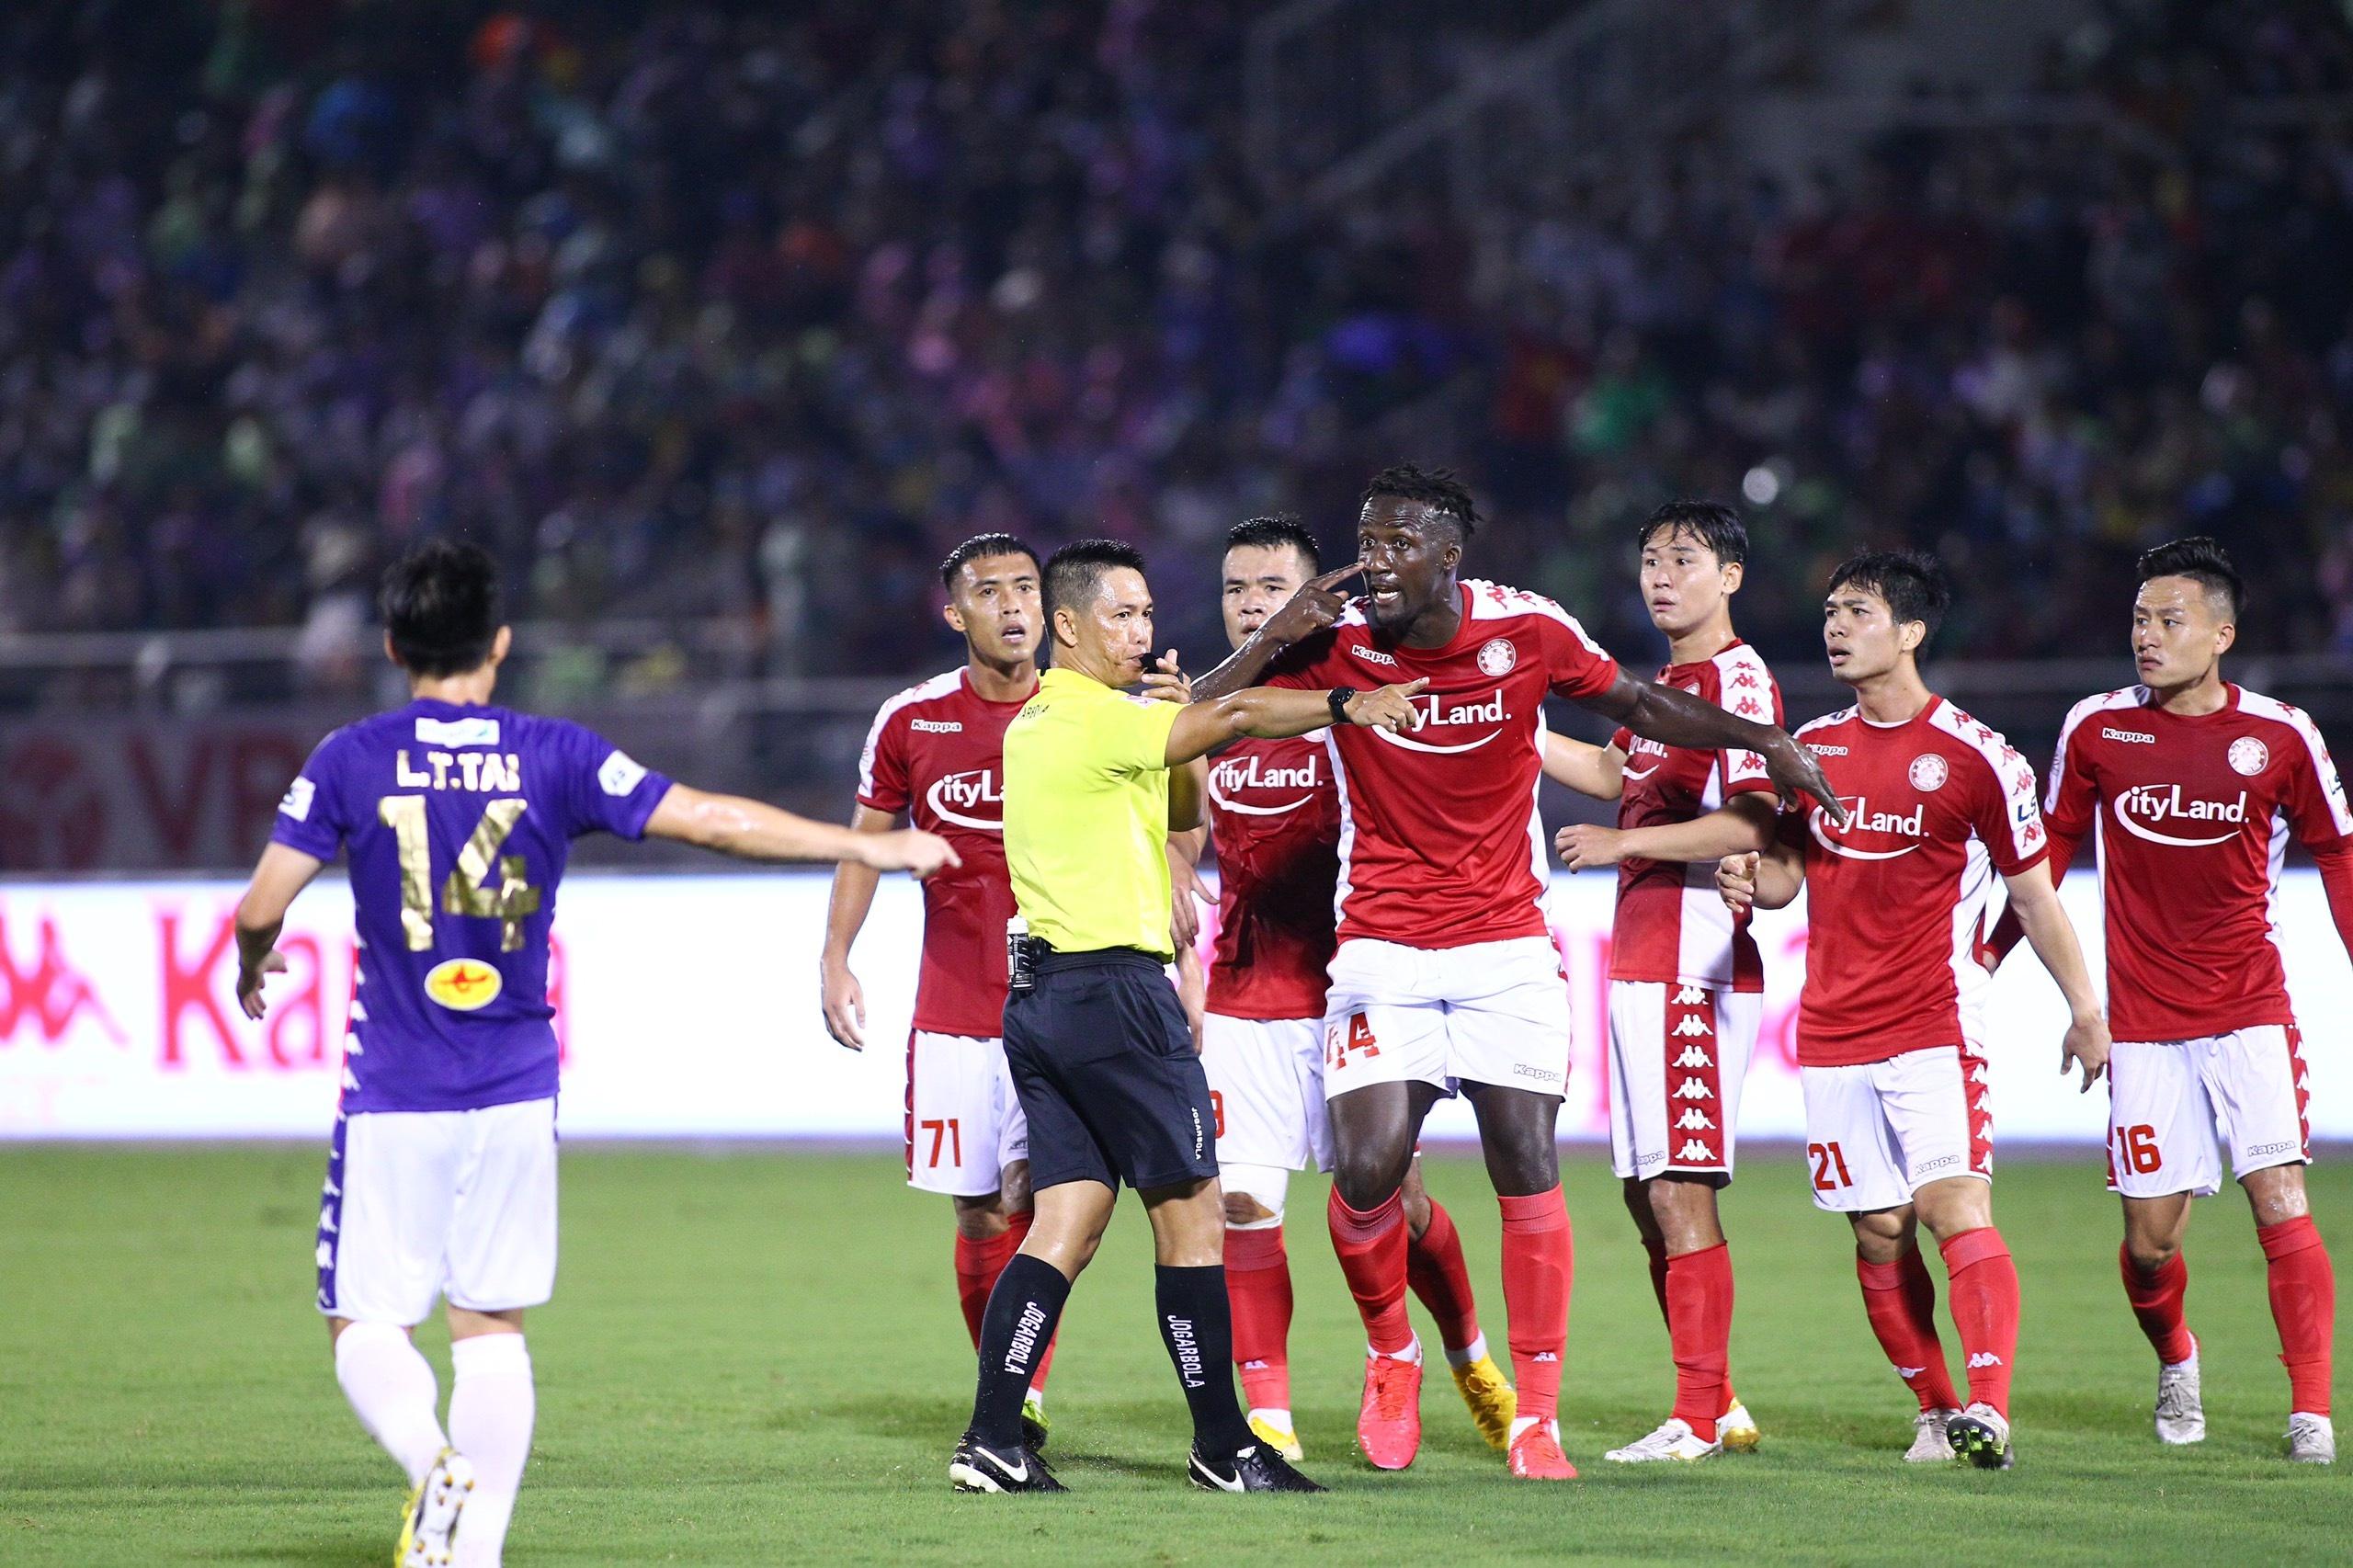 Trận đấu giữa CLB TP.HCM và CLB Hà Nội để lại những tranh cãi không có hồi kết về công tác trọng tài. Ảnh: Quang Thịnh.